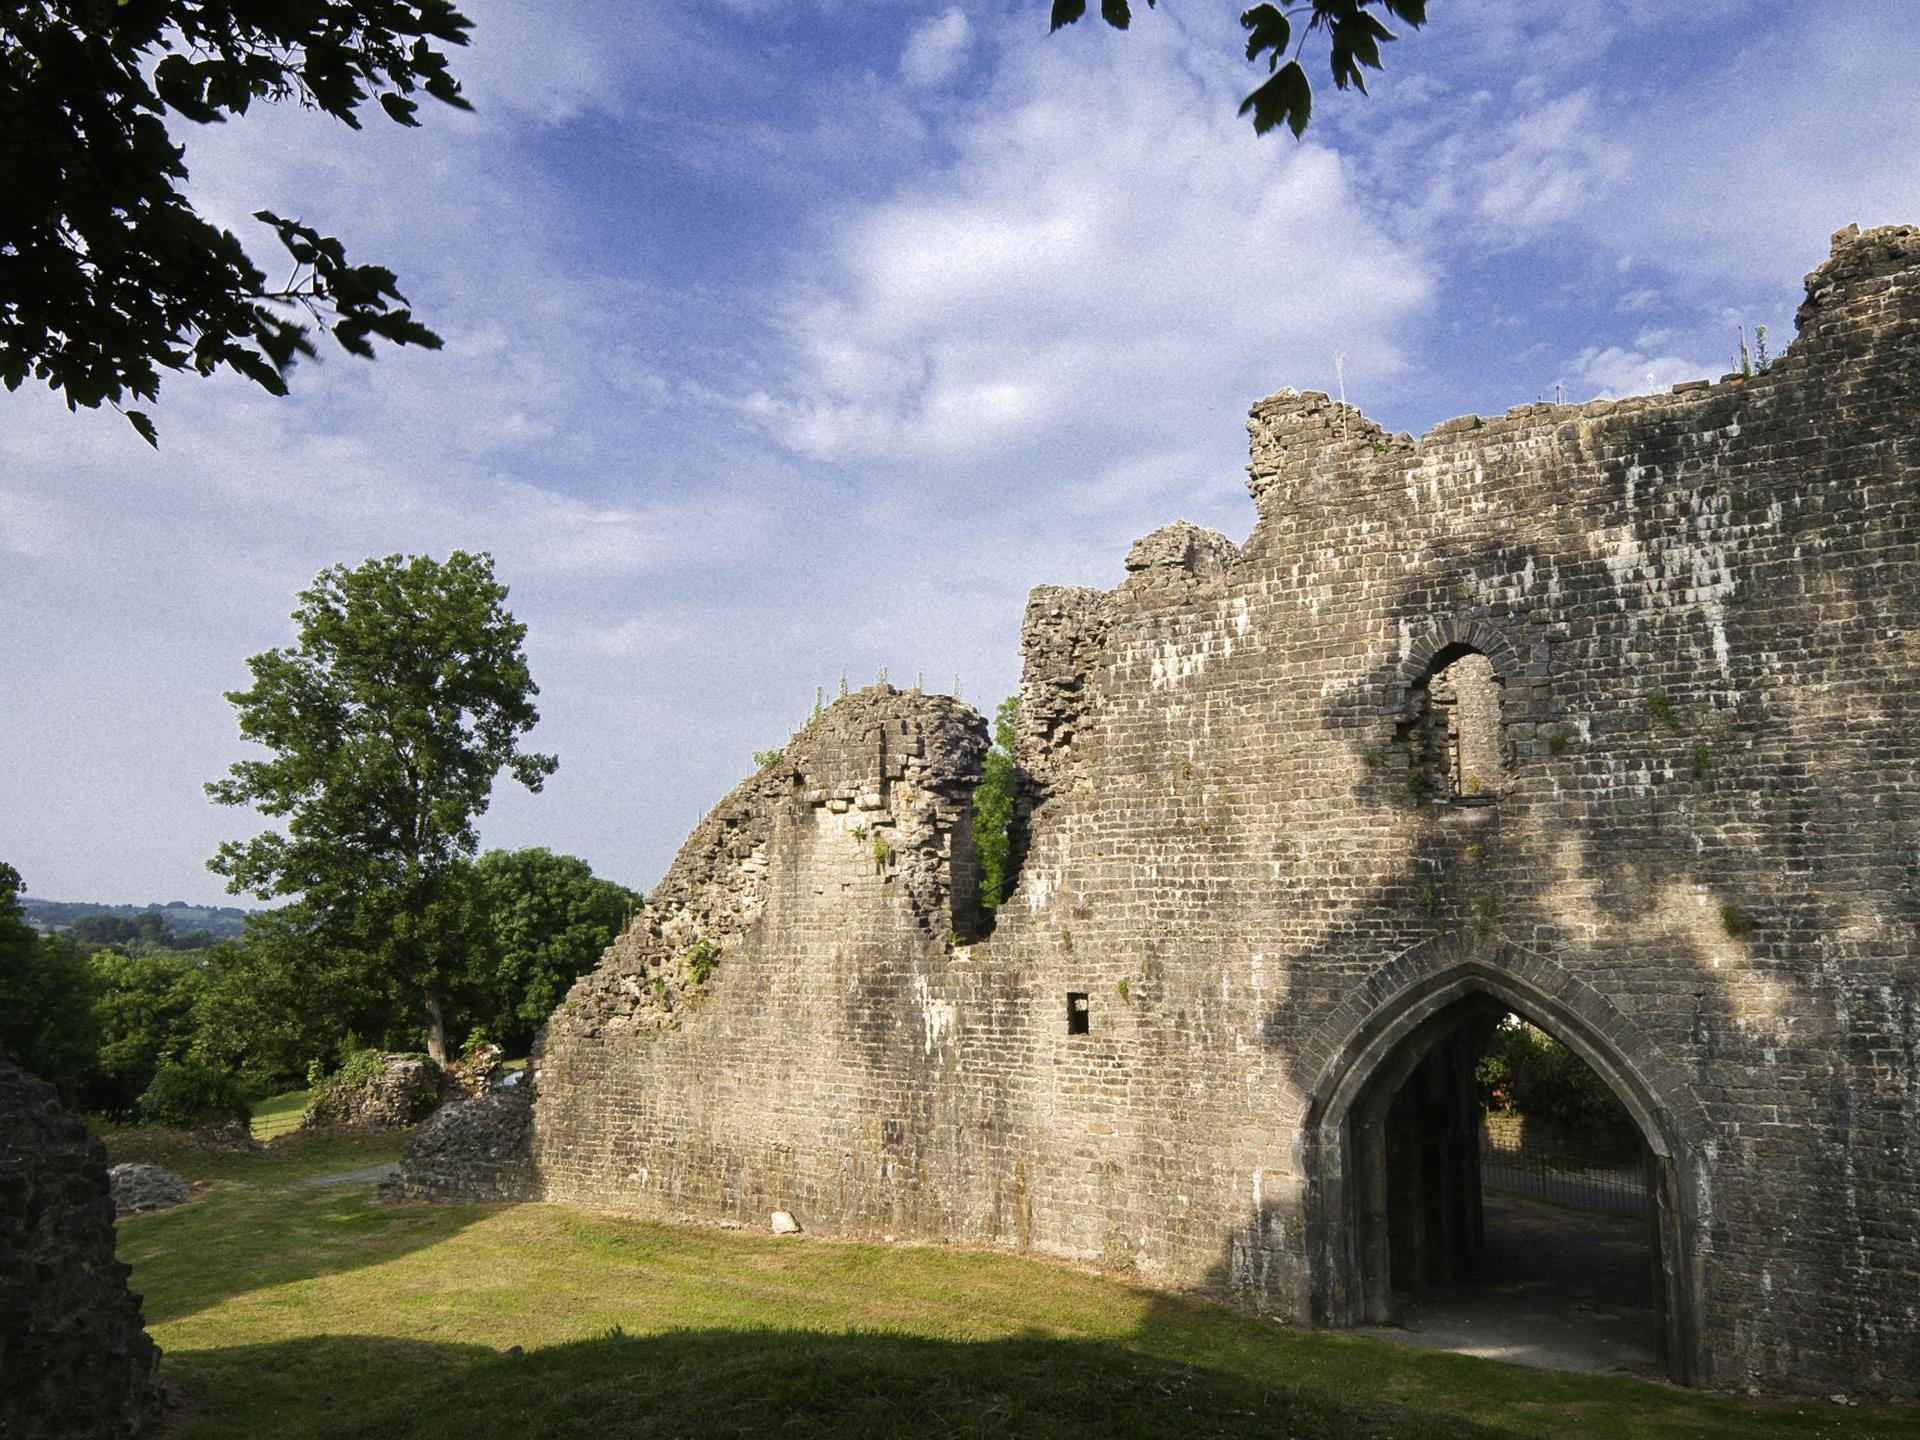 St Quentin's Castle, Llanblethian (Cadw)